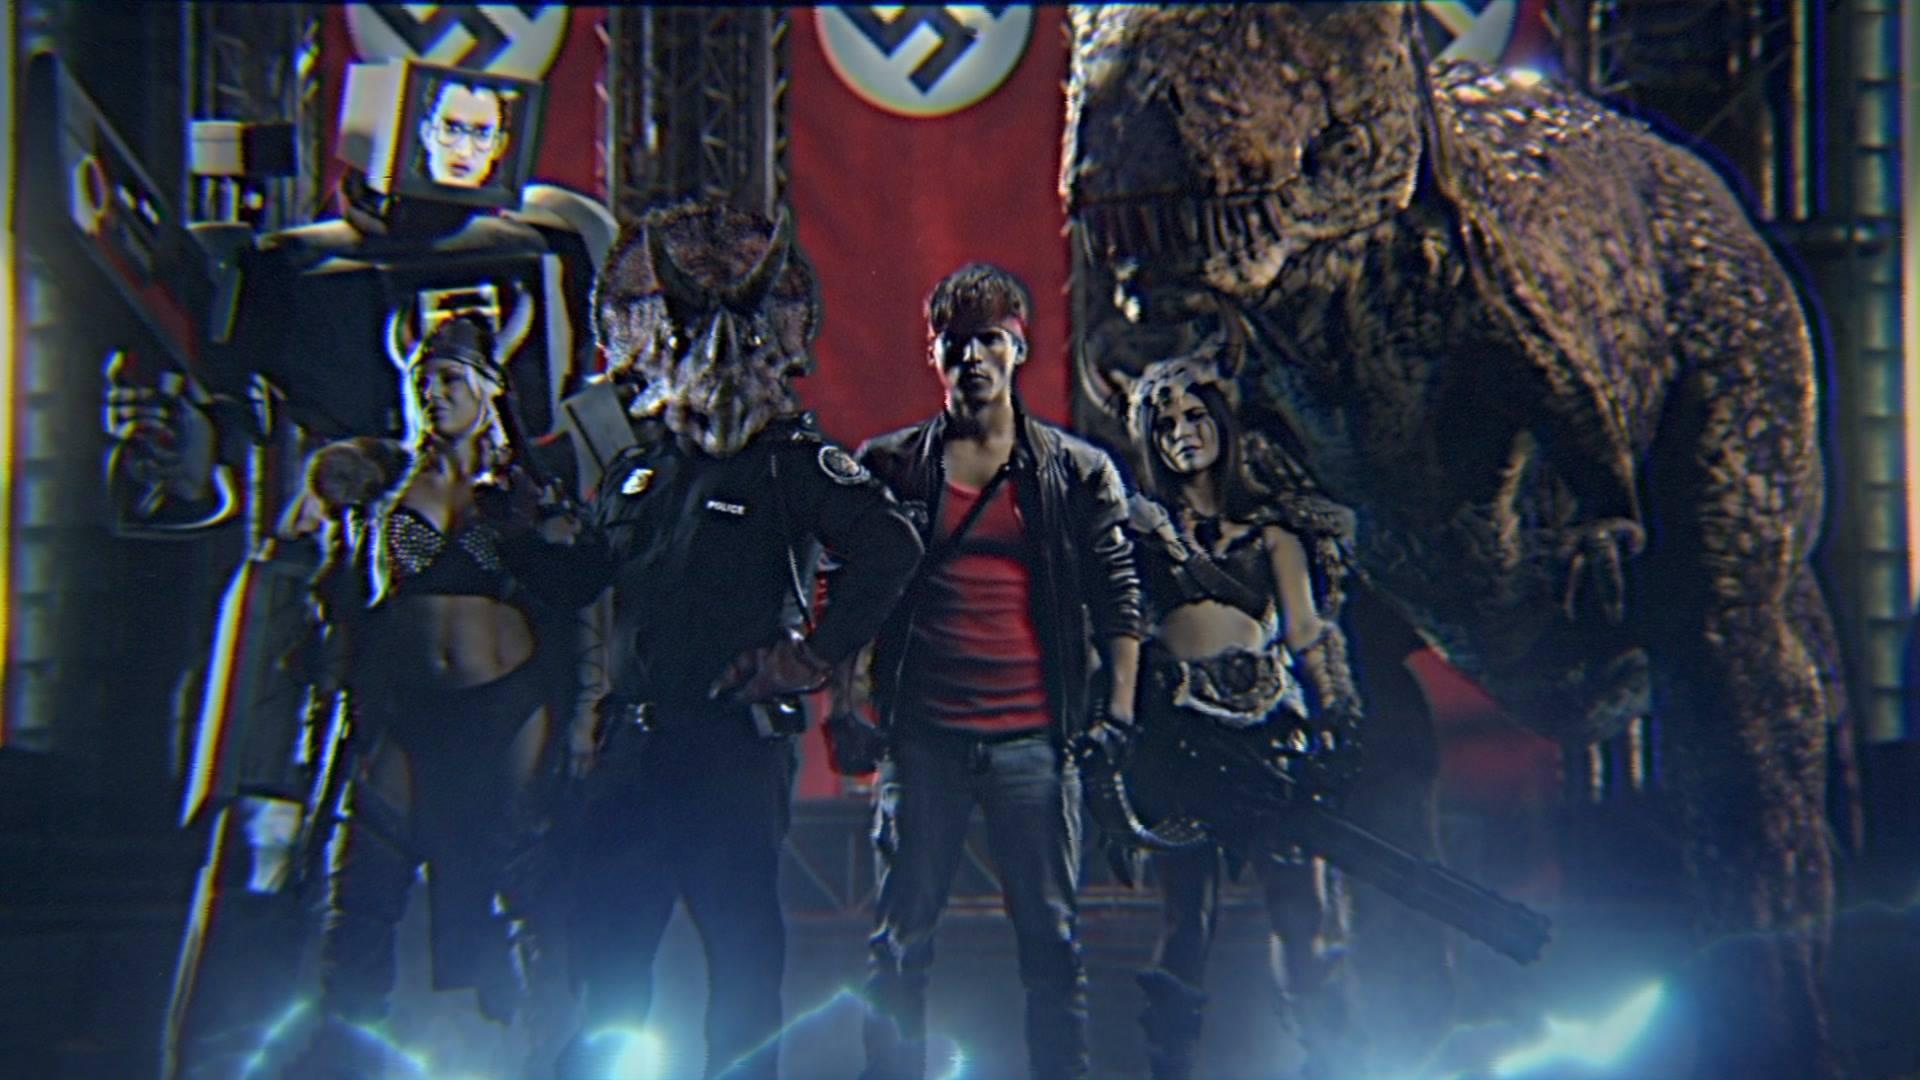 Мнение о Kung Fury (Гитлер, викинги с миниганом и путешествие в прошлое) - Изображение 1